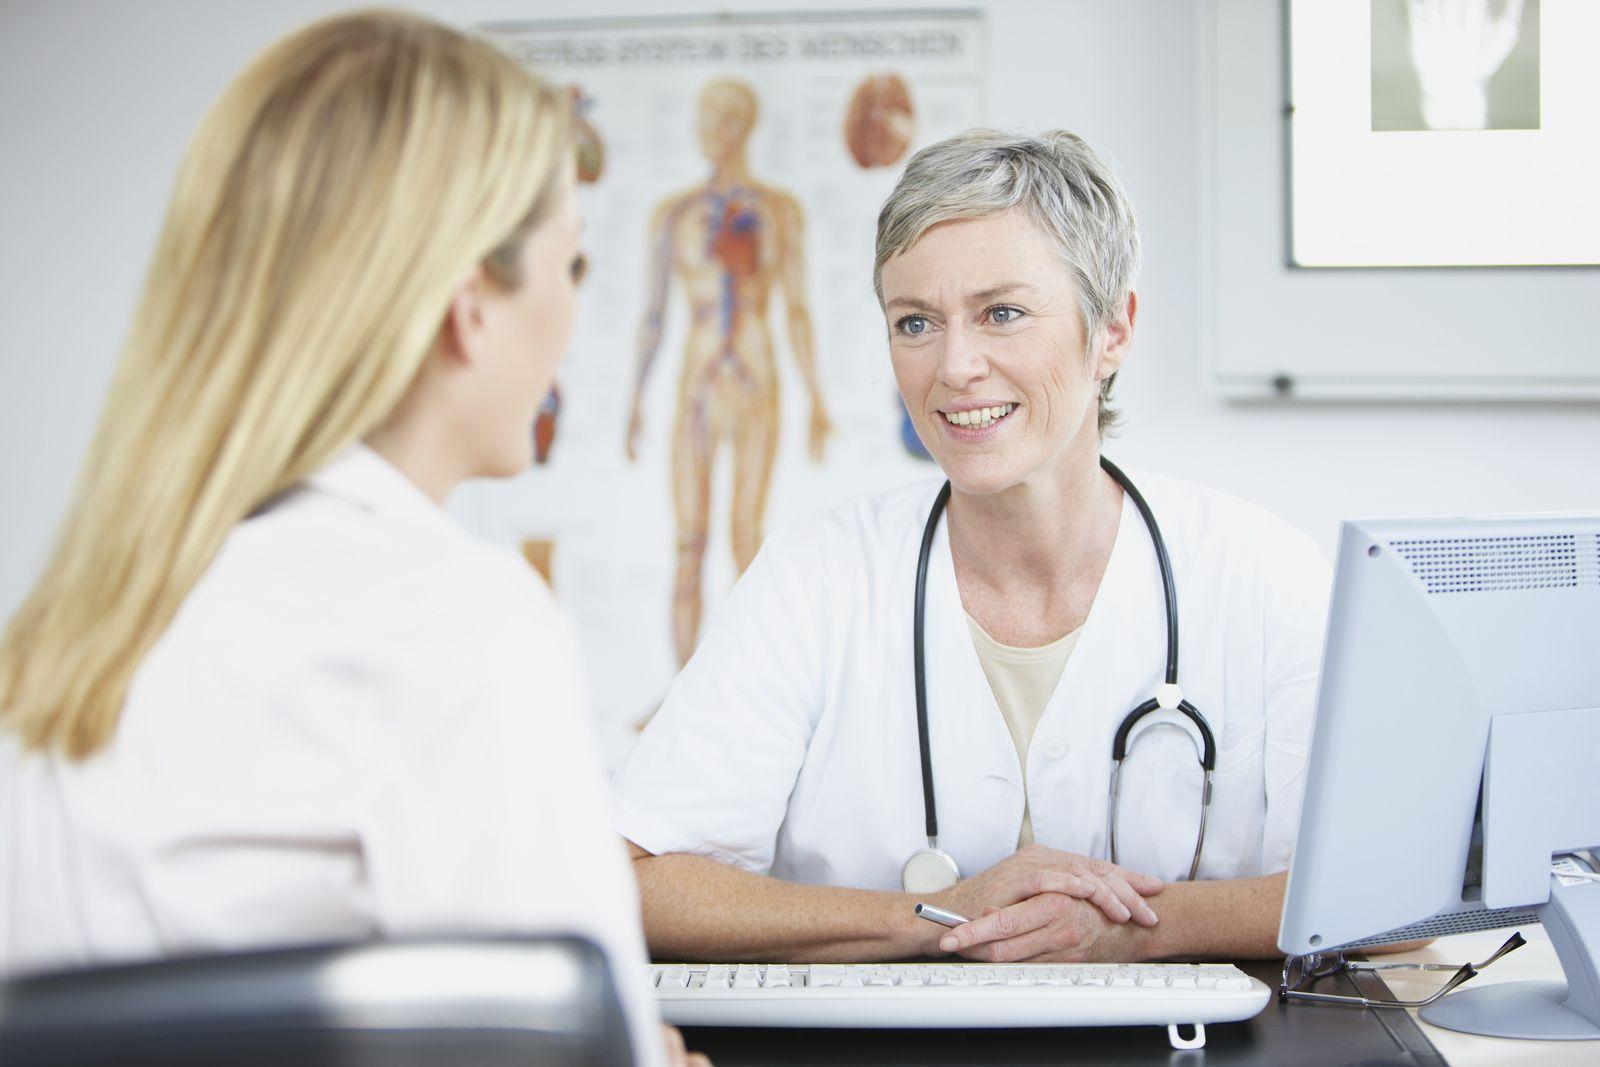 NICHT MEHR VERWENDEN! - Patient / Doktor / Arzt / Gespräch